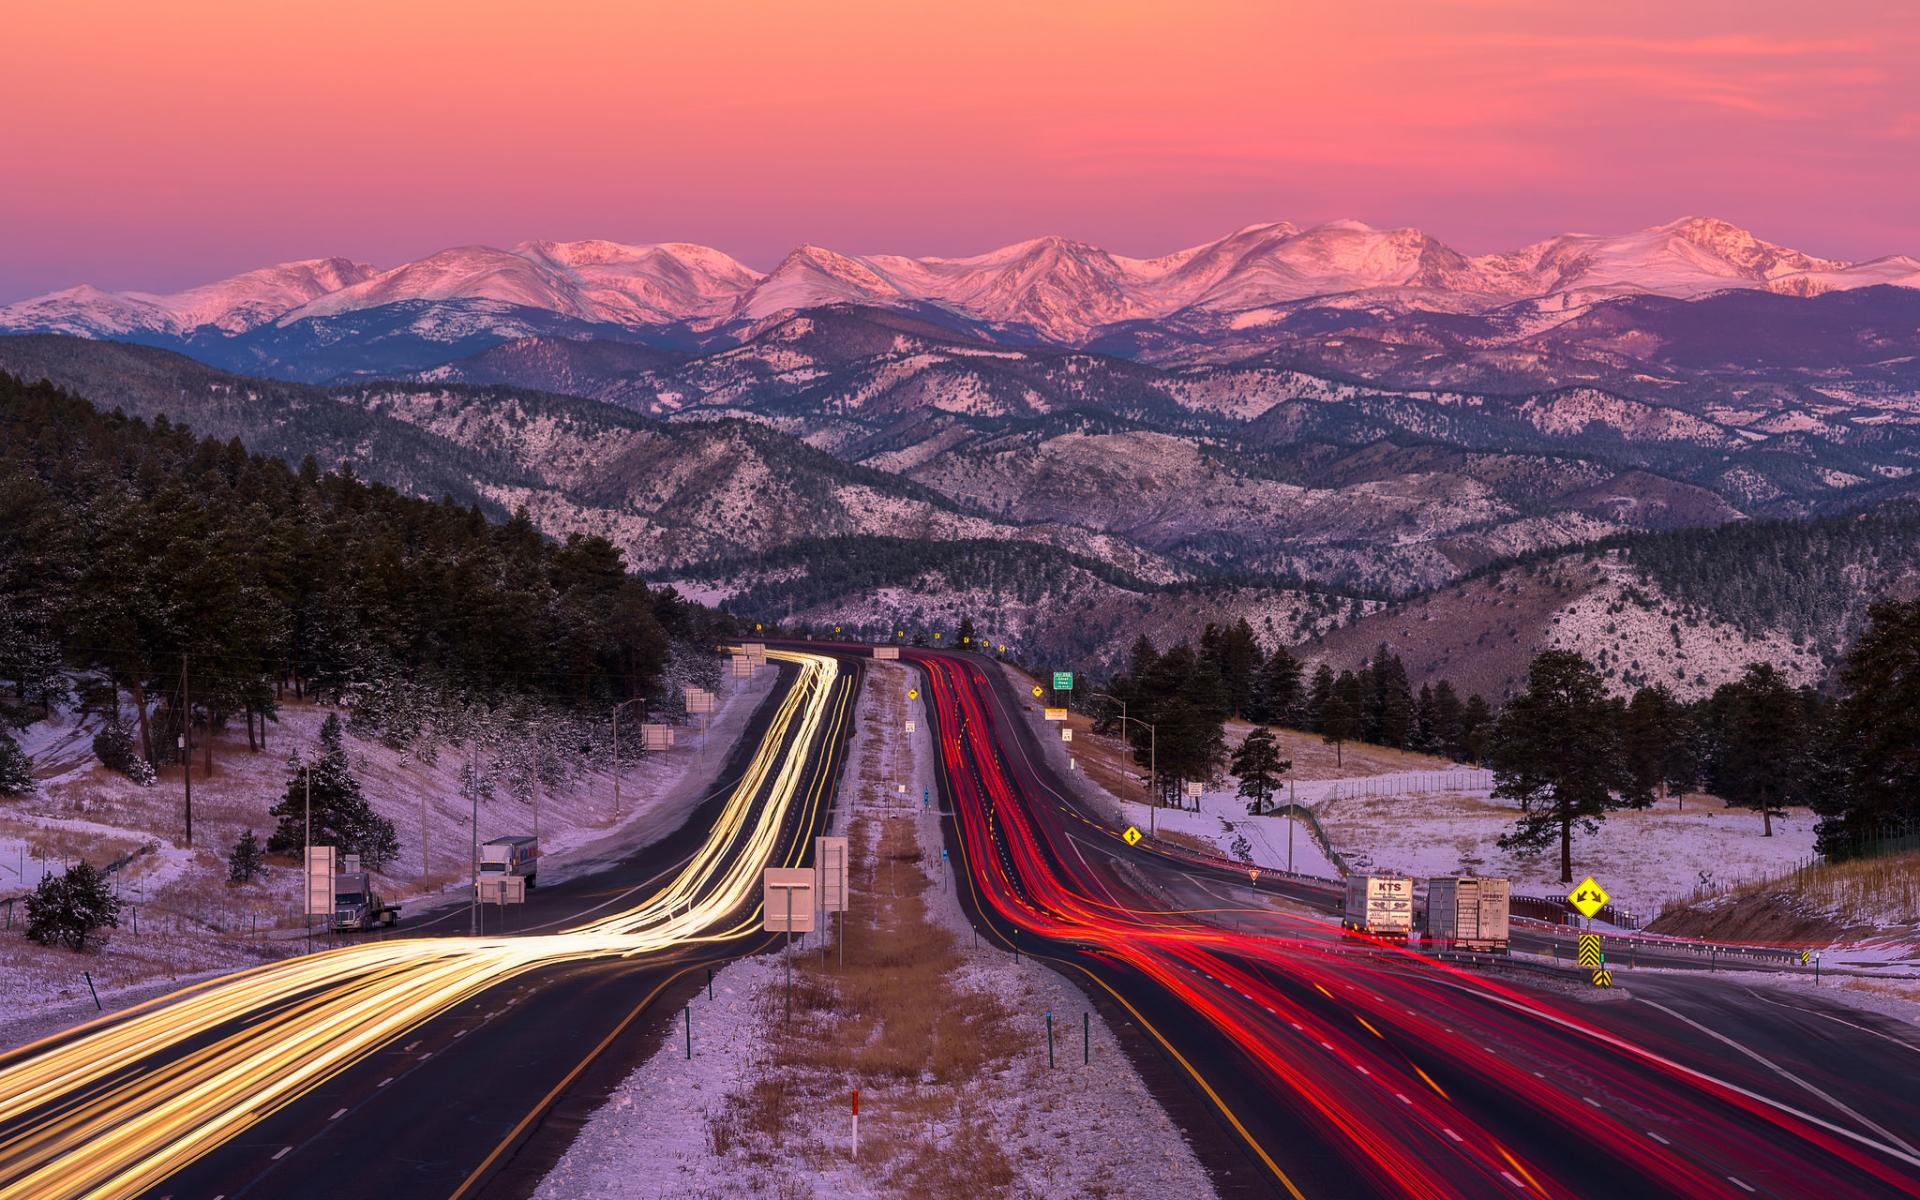 Una bella fotografía en una carretera - 1920x1200